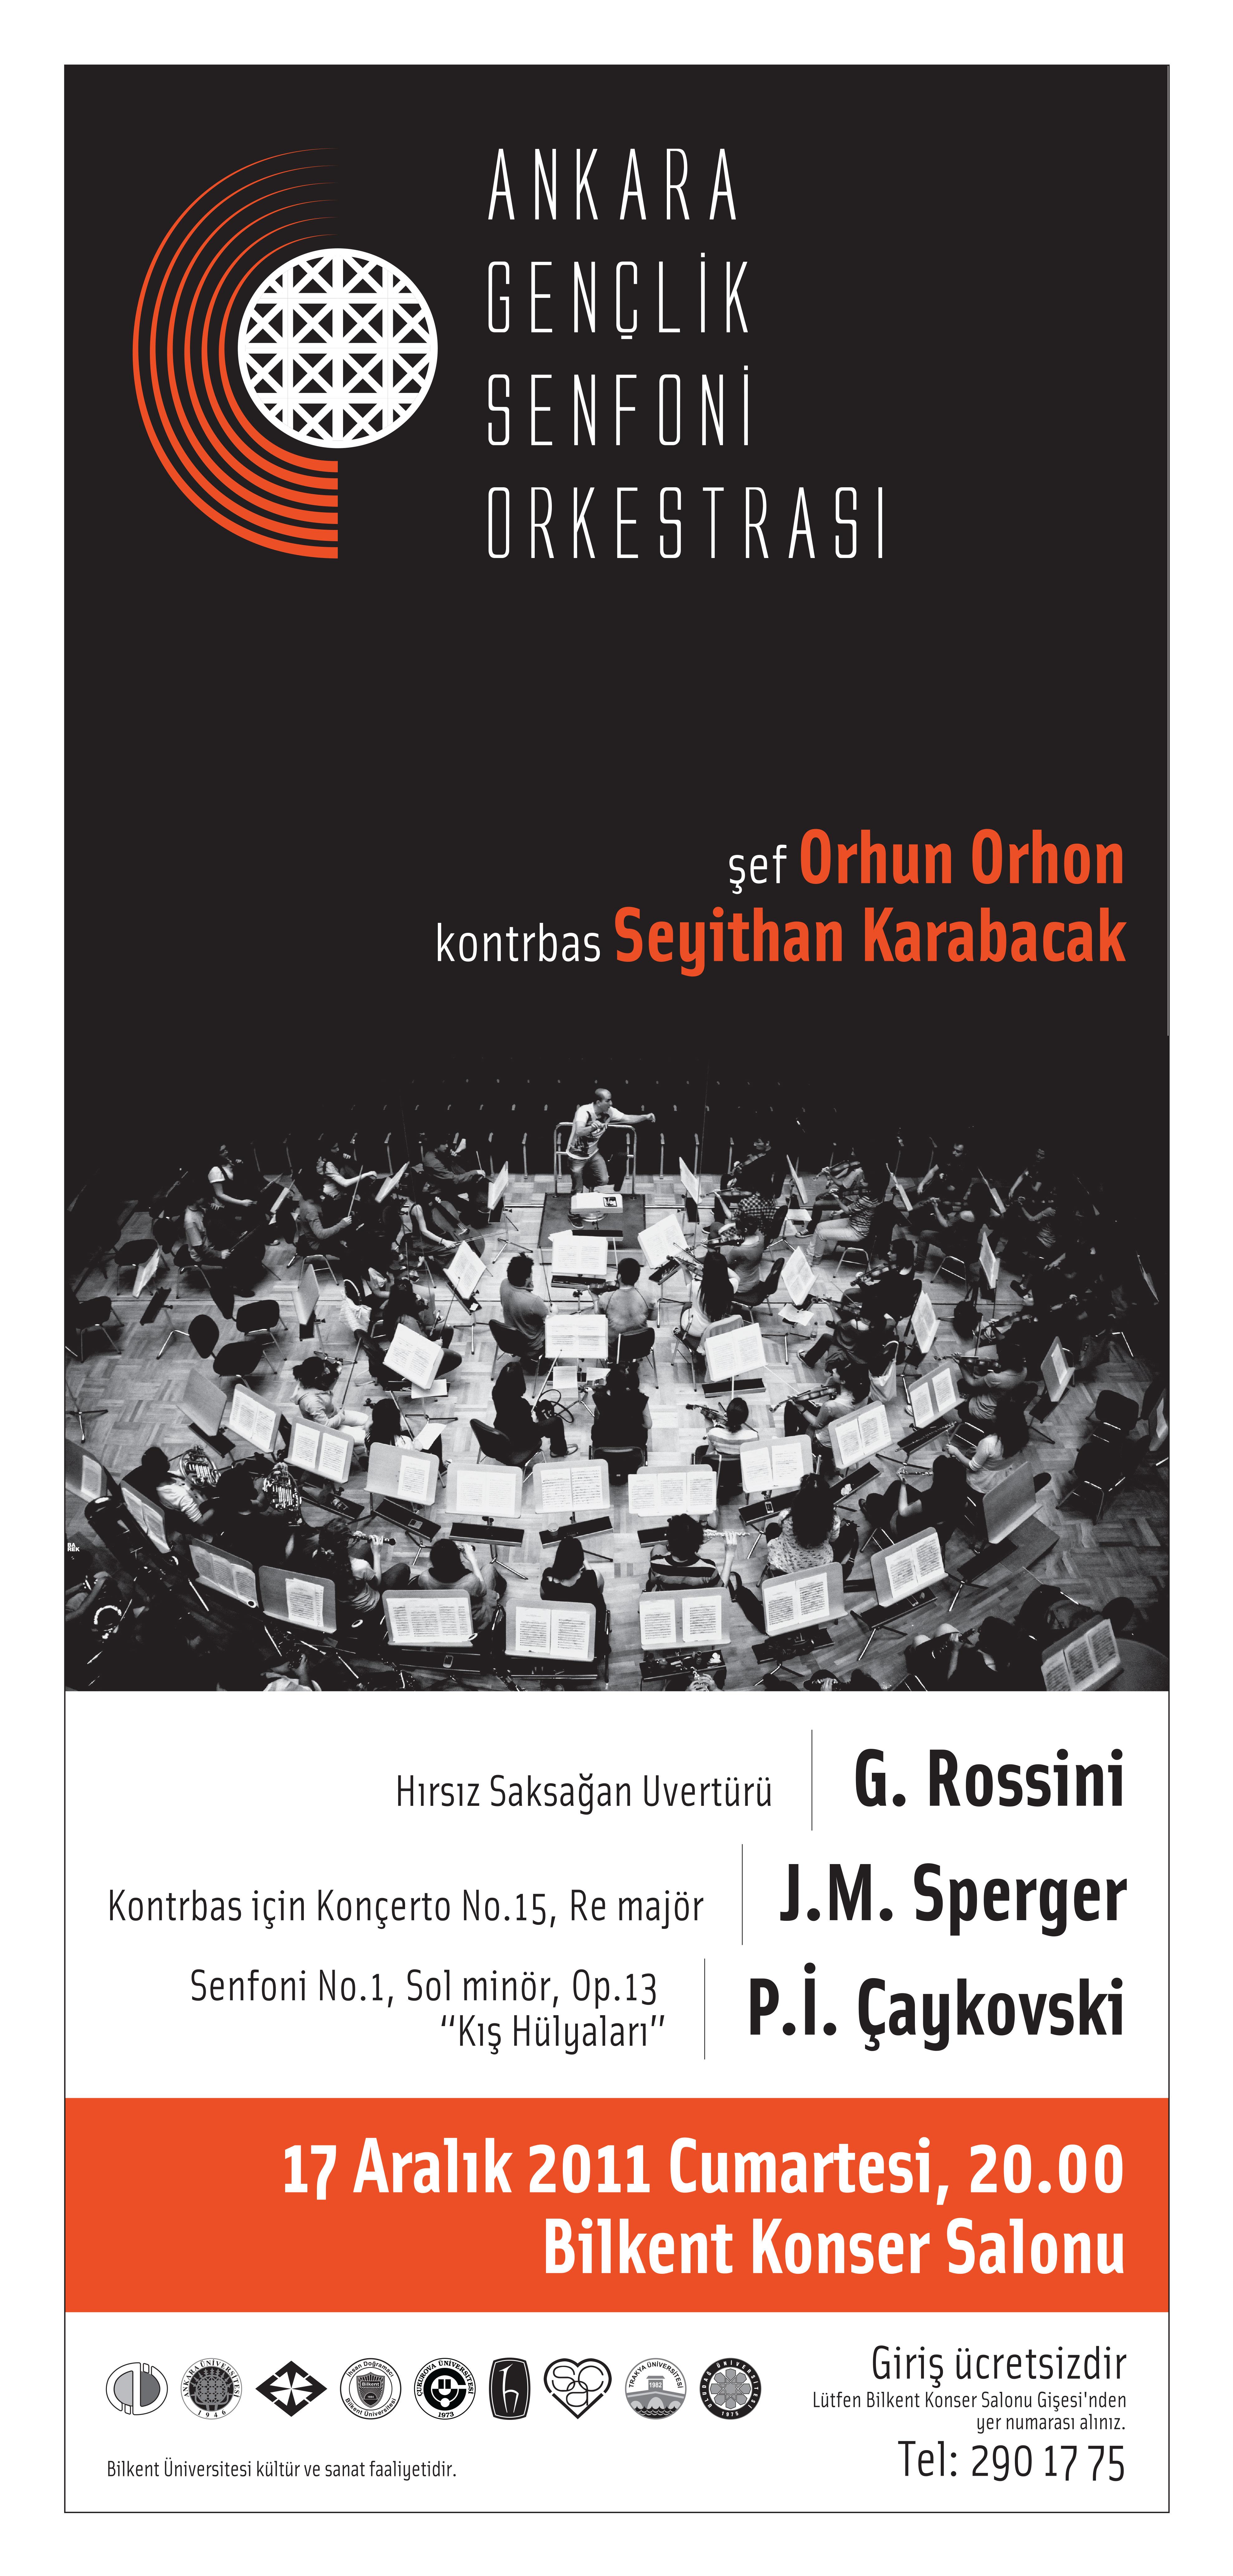 Ankara Gençlik Senfoni Orkestrası 17 Aralık 2011 Konseri Poster